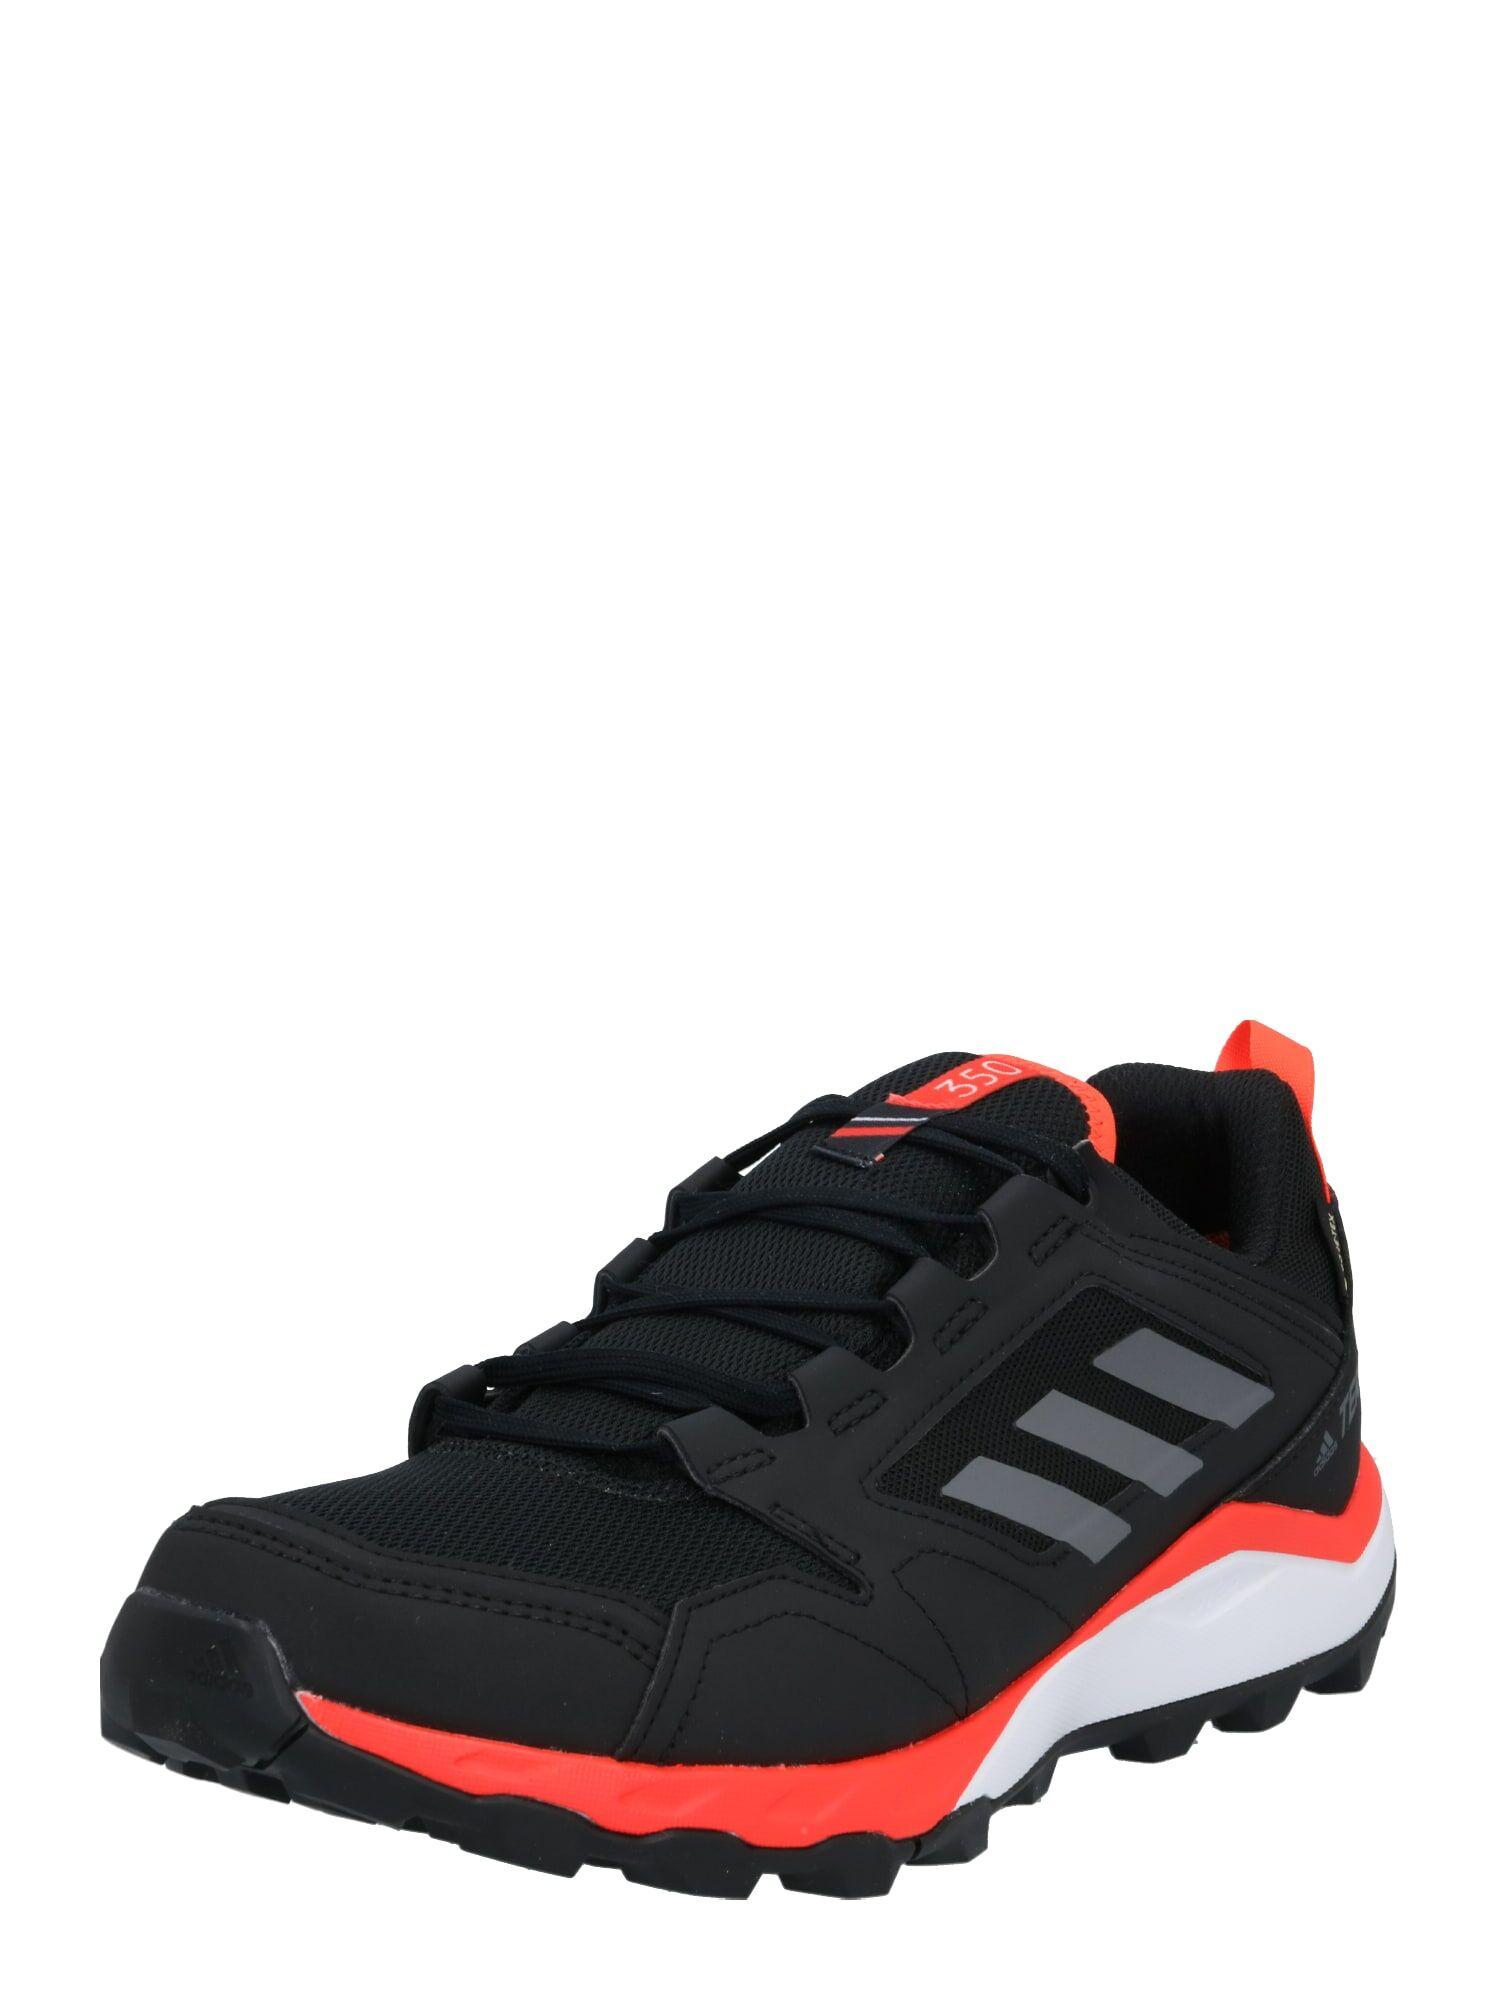 adidas Terrex Chaussure de course  - Noir - Taille: 11 - male